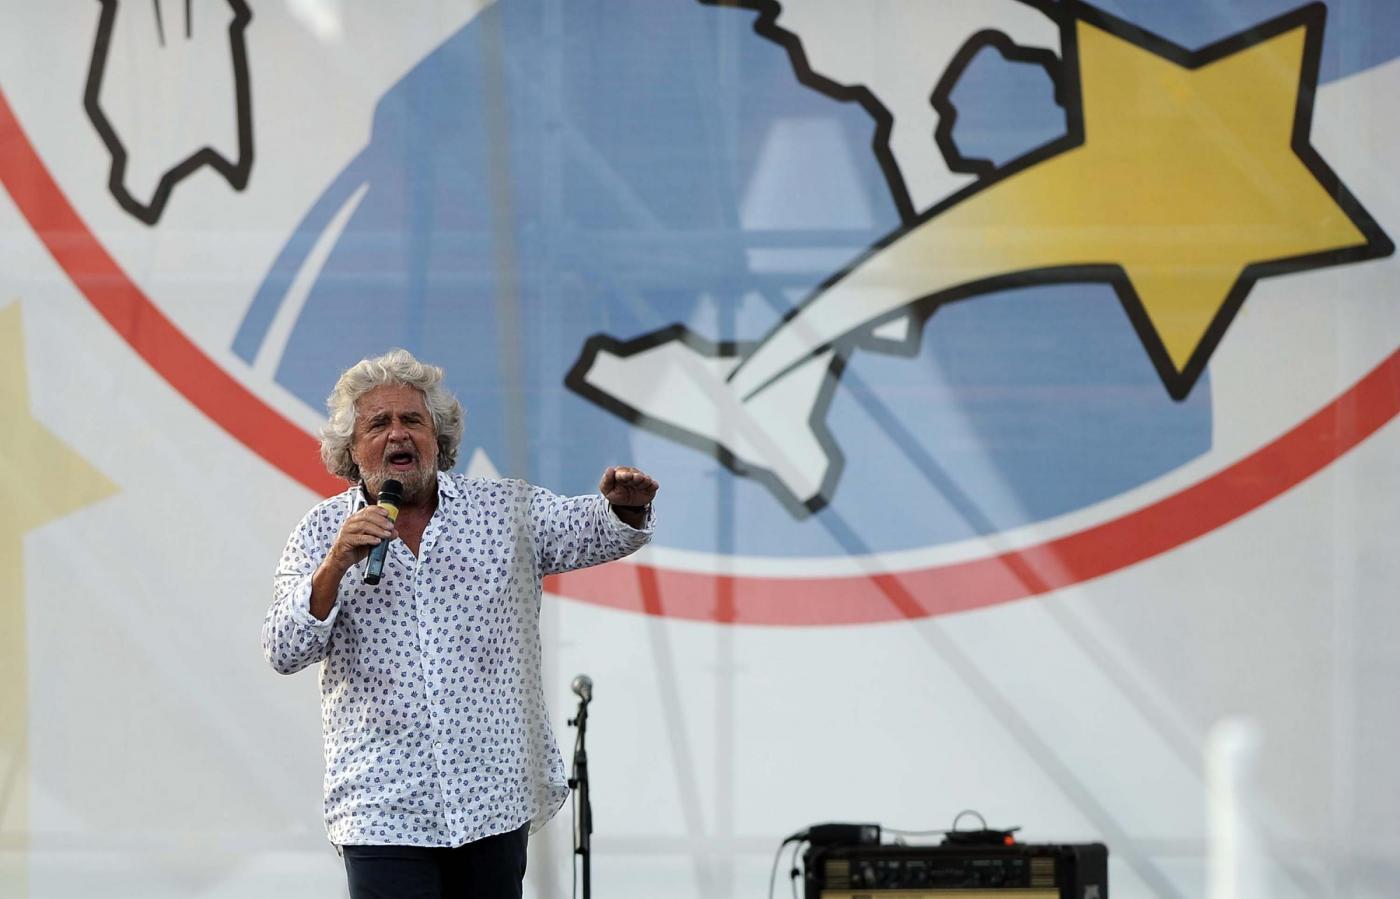 M5S protesta contro Grillo e lui divide le responsabilità con 5 vice